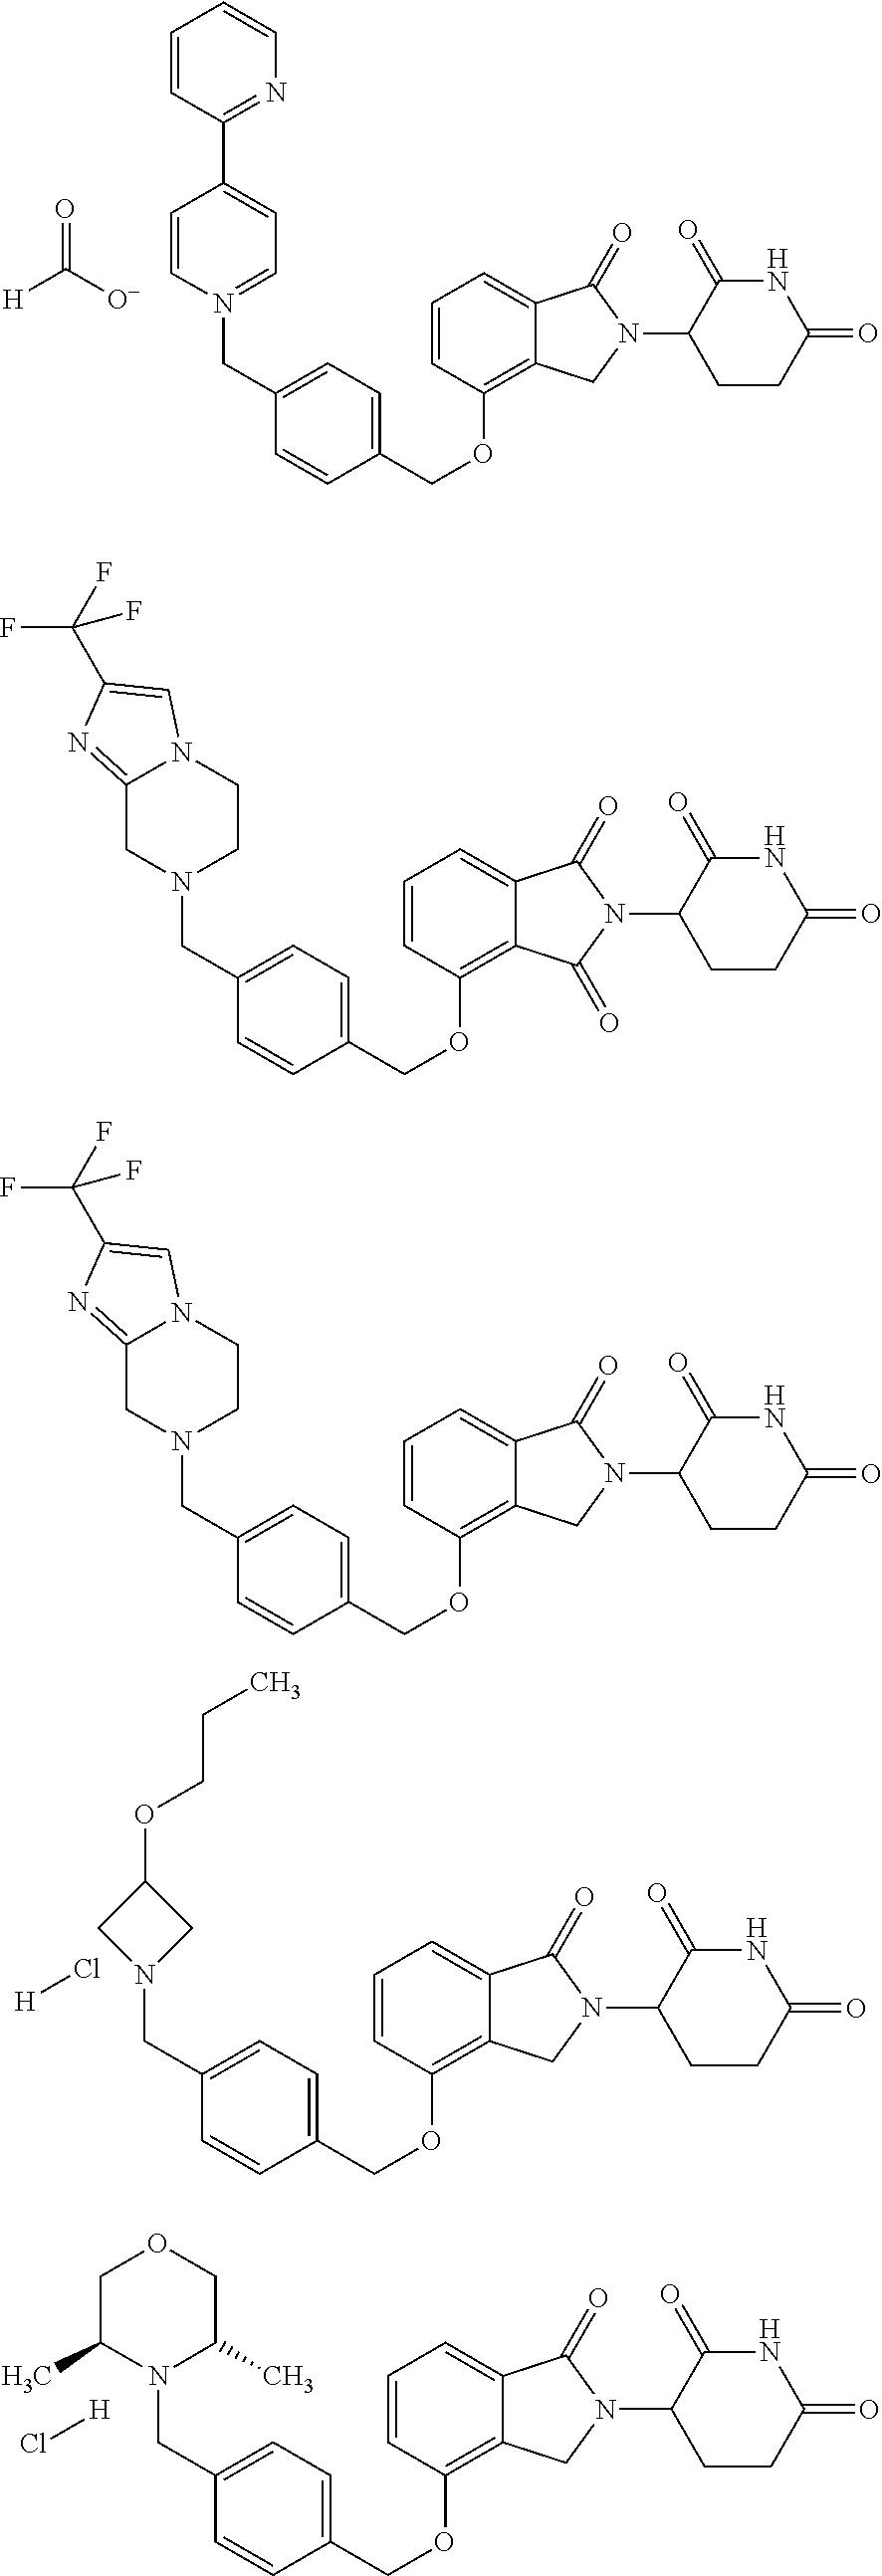 Figure US09822094-20171121-C00015